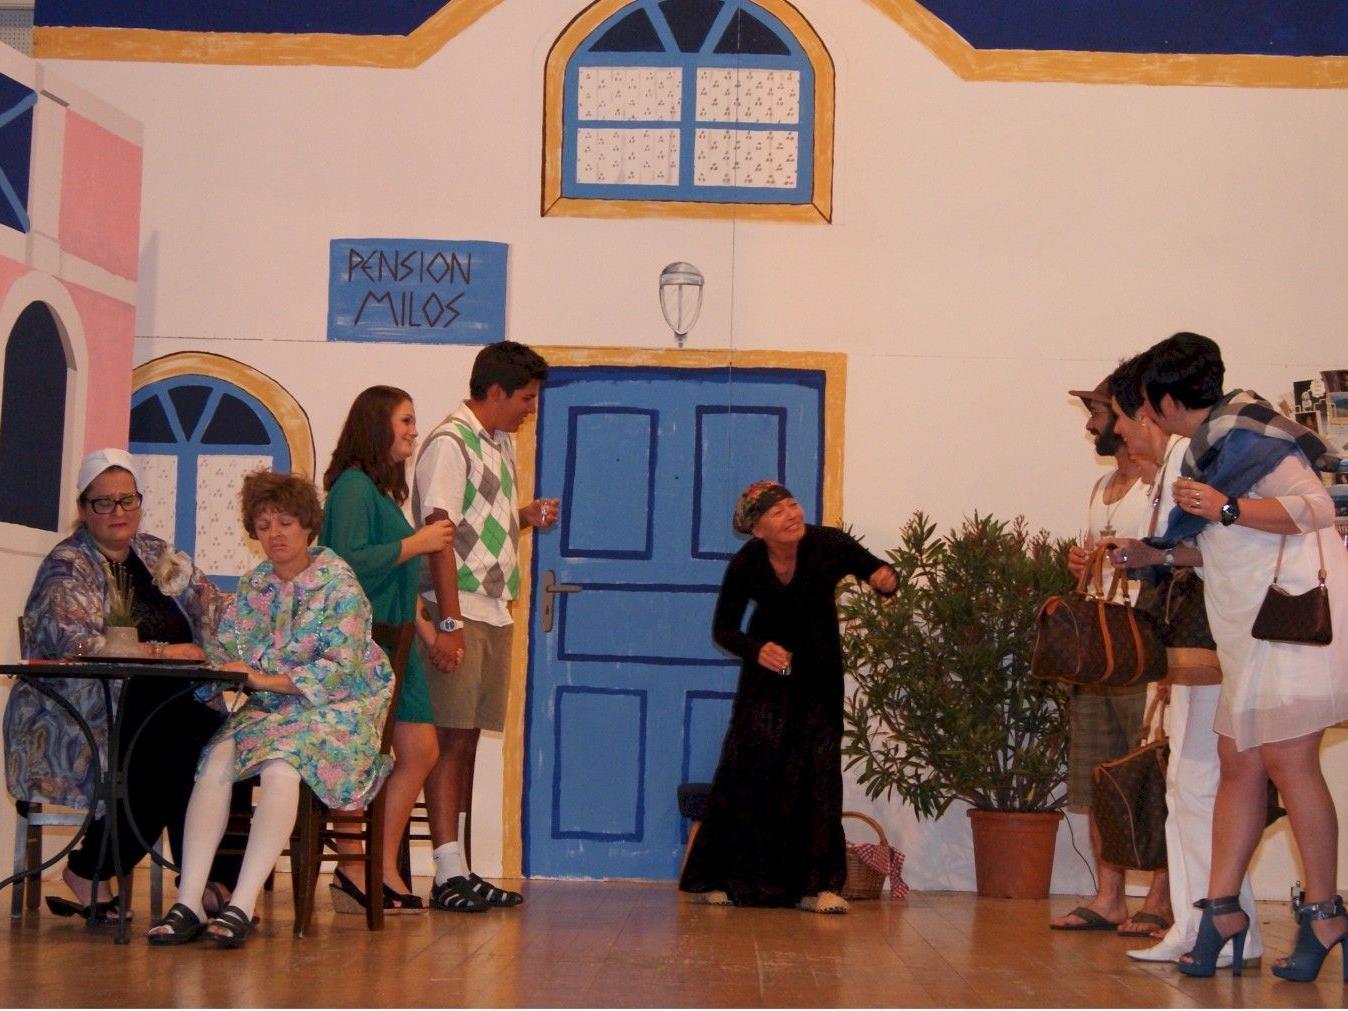 Die Akteure des Theaters Doranand im Einsatz auf der Bühne.